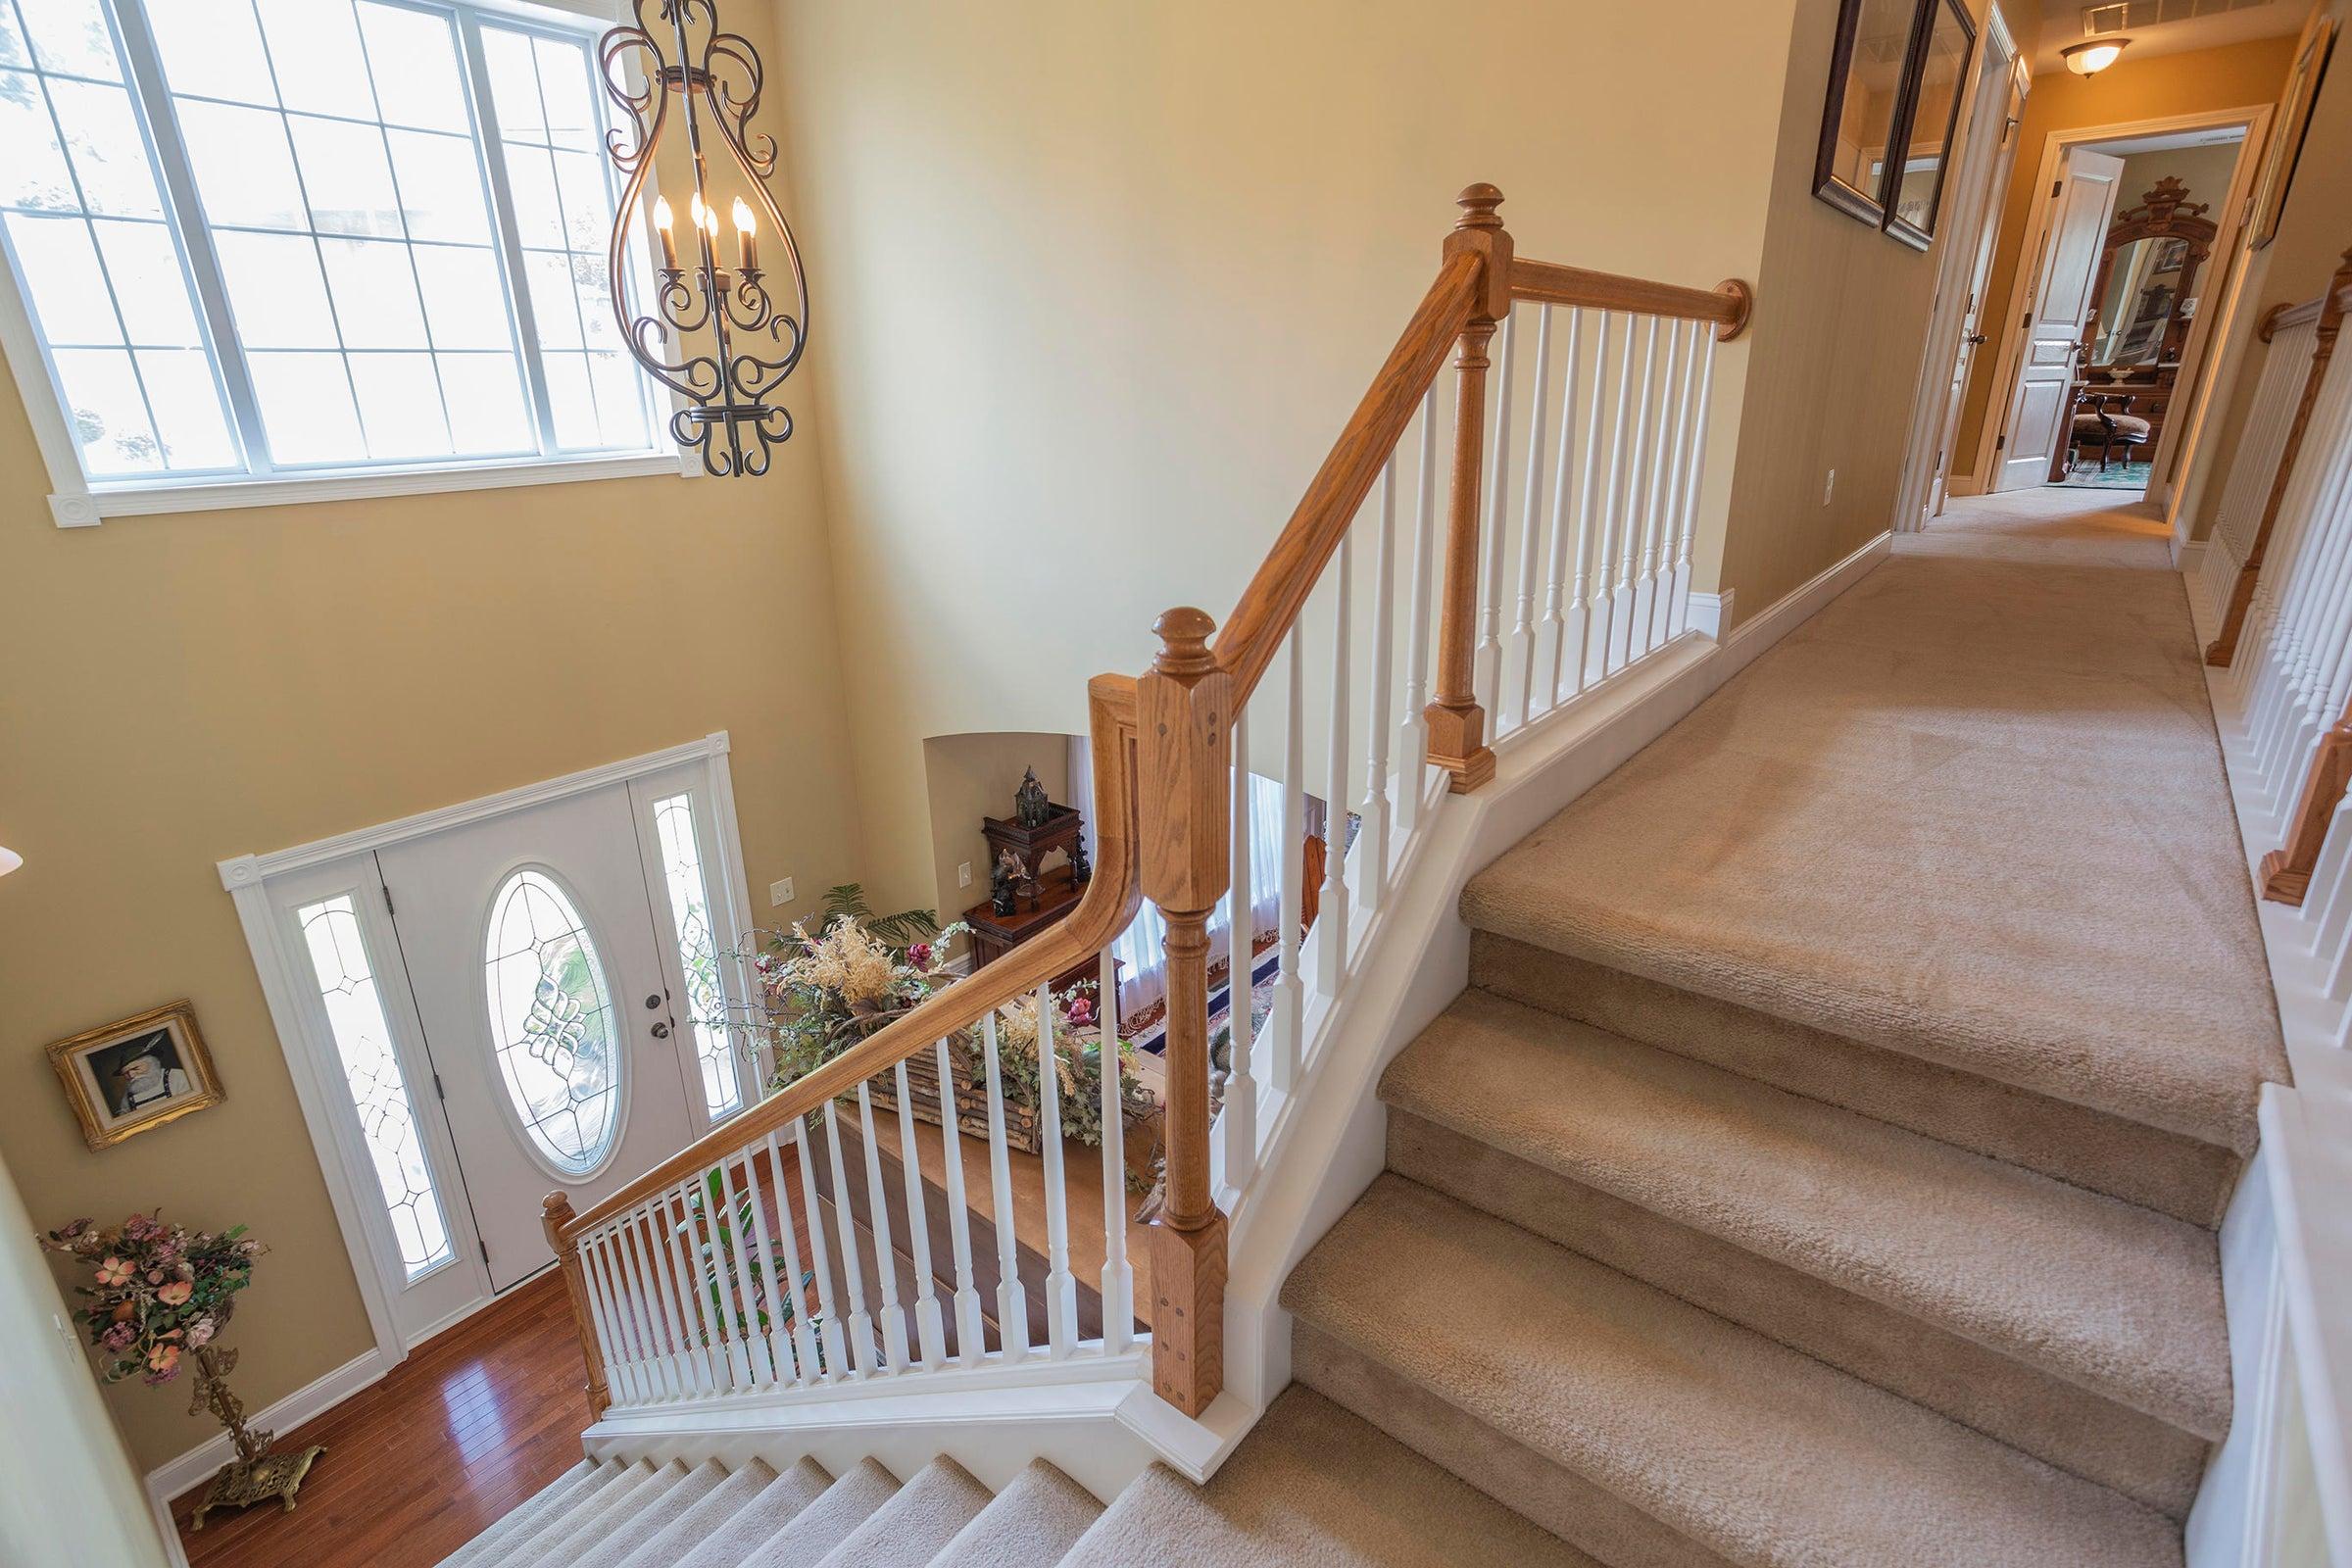 Interior_Stairs-01